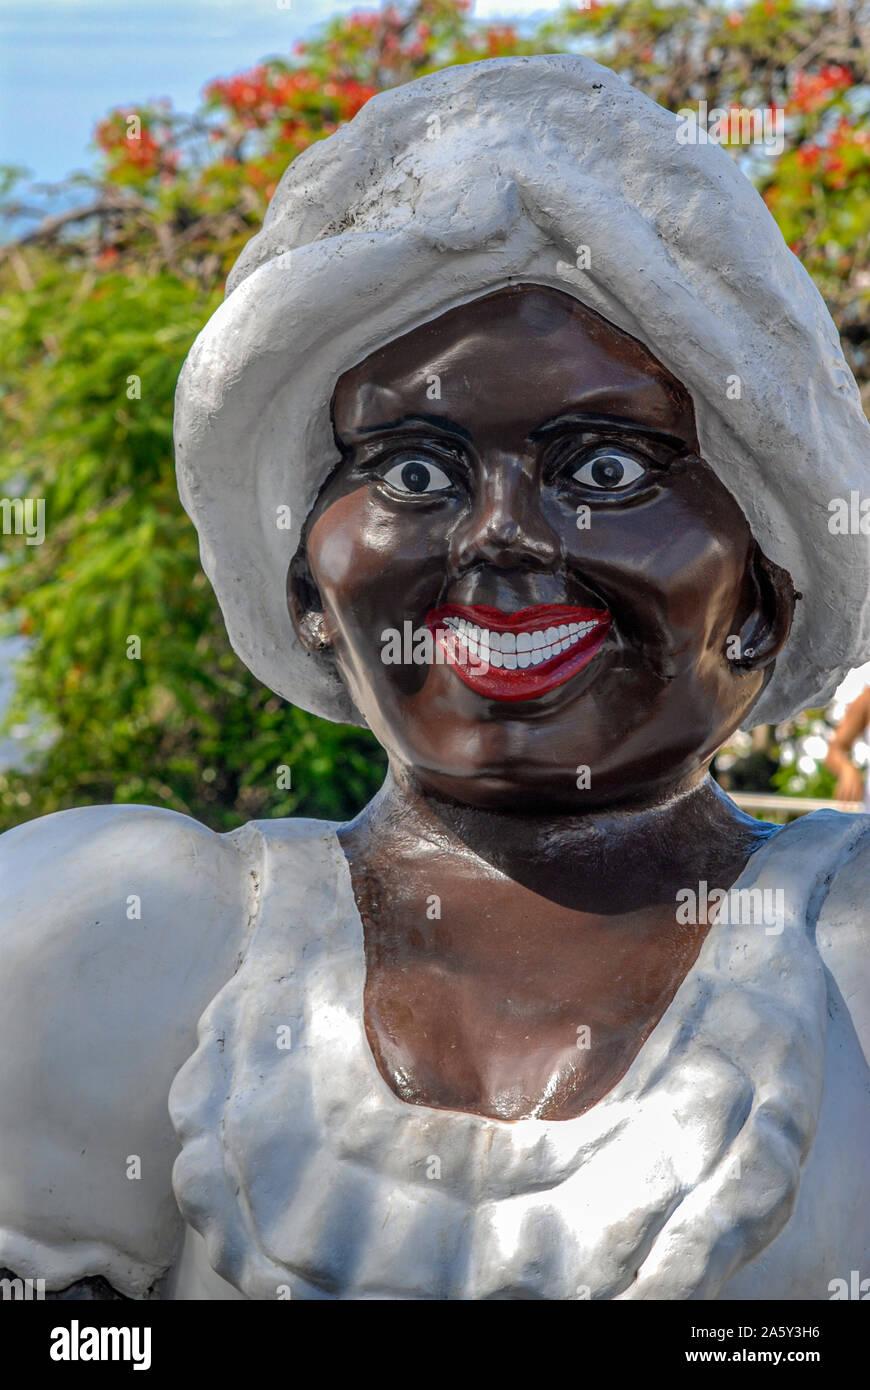 Figure énorme d'une femme bahreïenne en vêtements traditionnels dans la vieille ville de Pelourinho, Salvador de Bahia, Brésil Banque D'Images